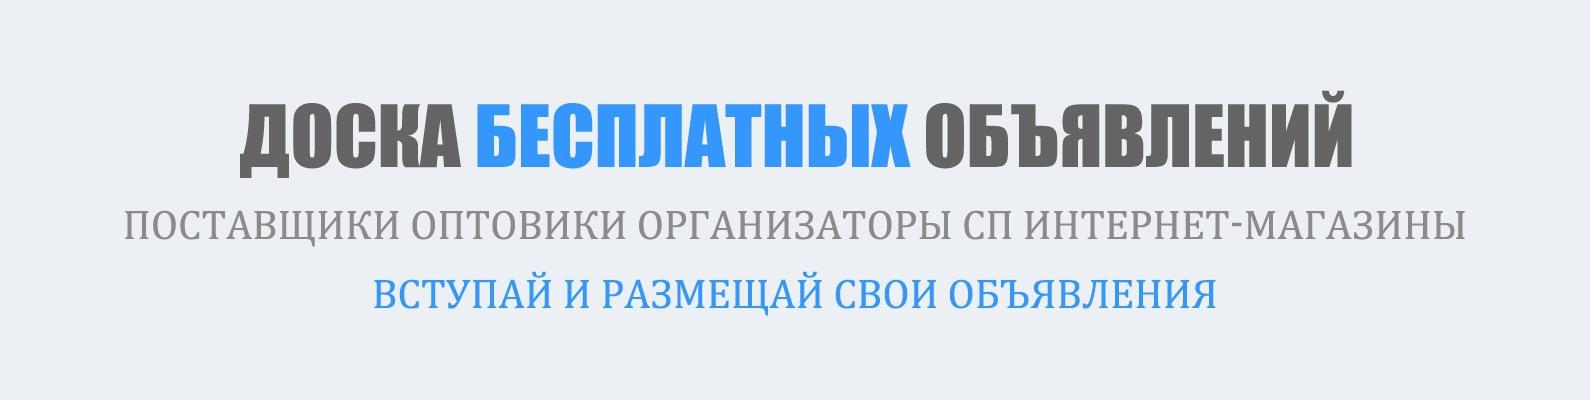 9ed902c330f Поставщики